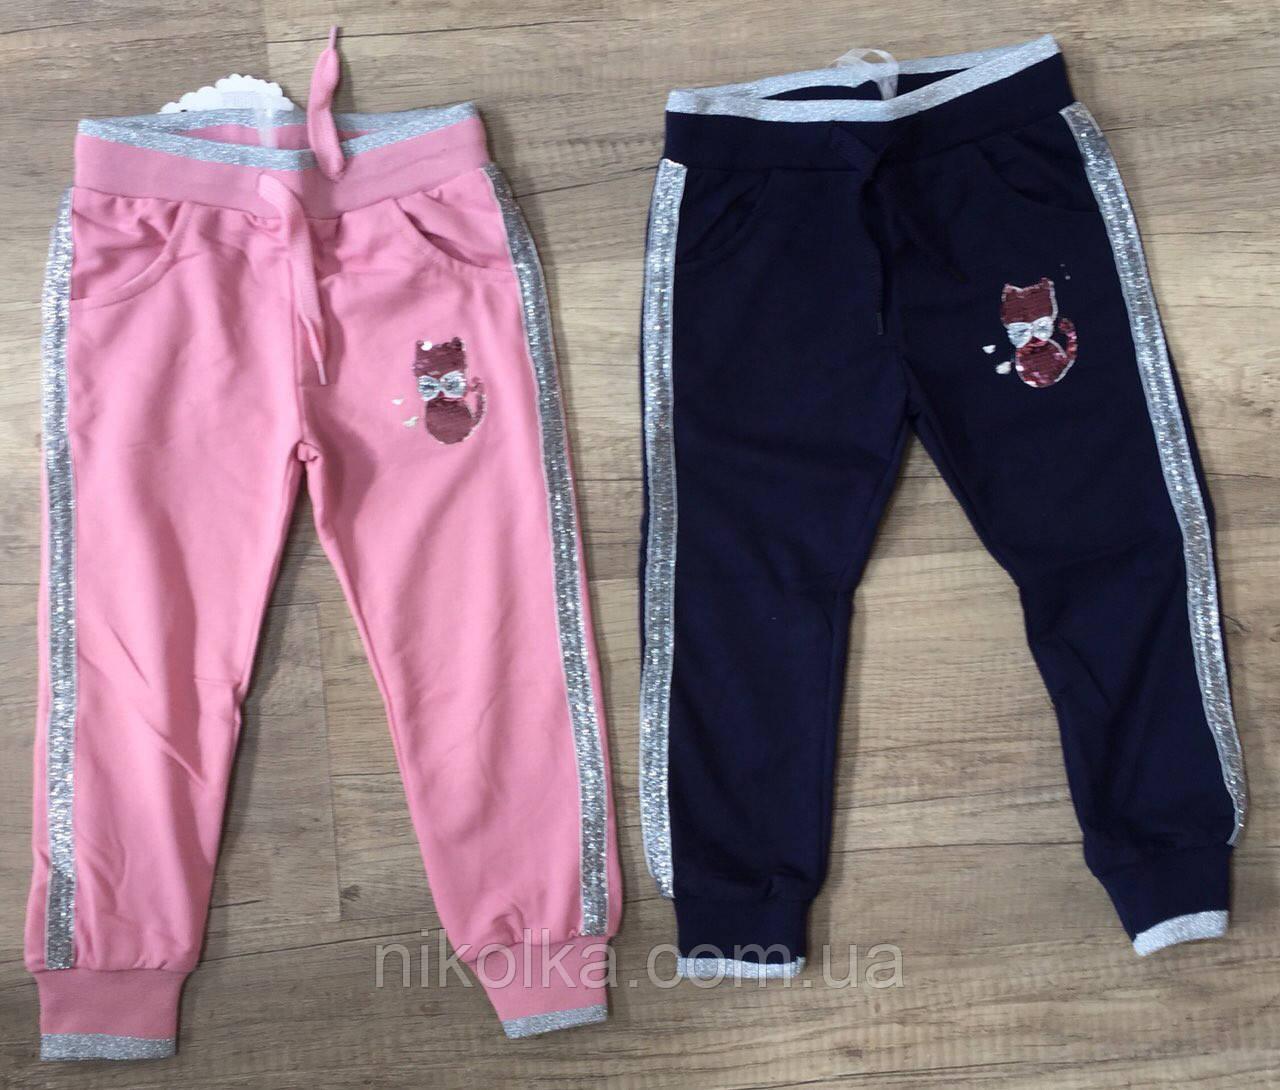 Спортивные брюки для девочек оптом, S&D,98-128 рр., арт.CH-5351